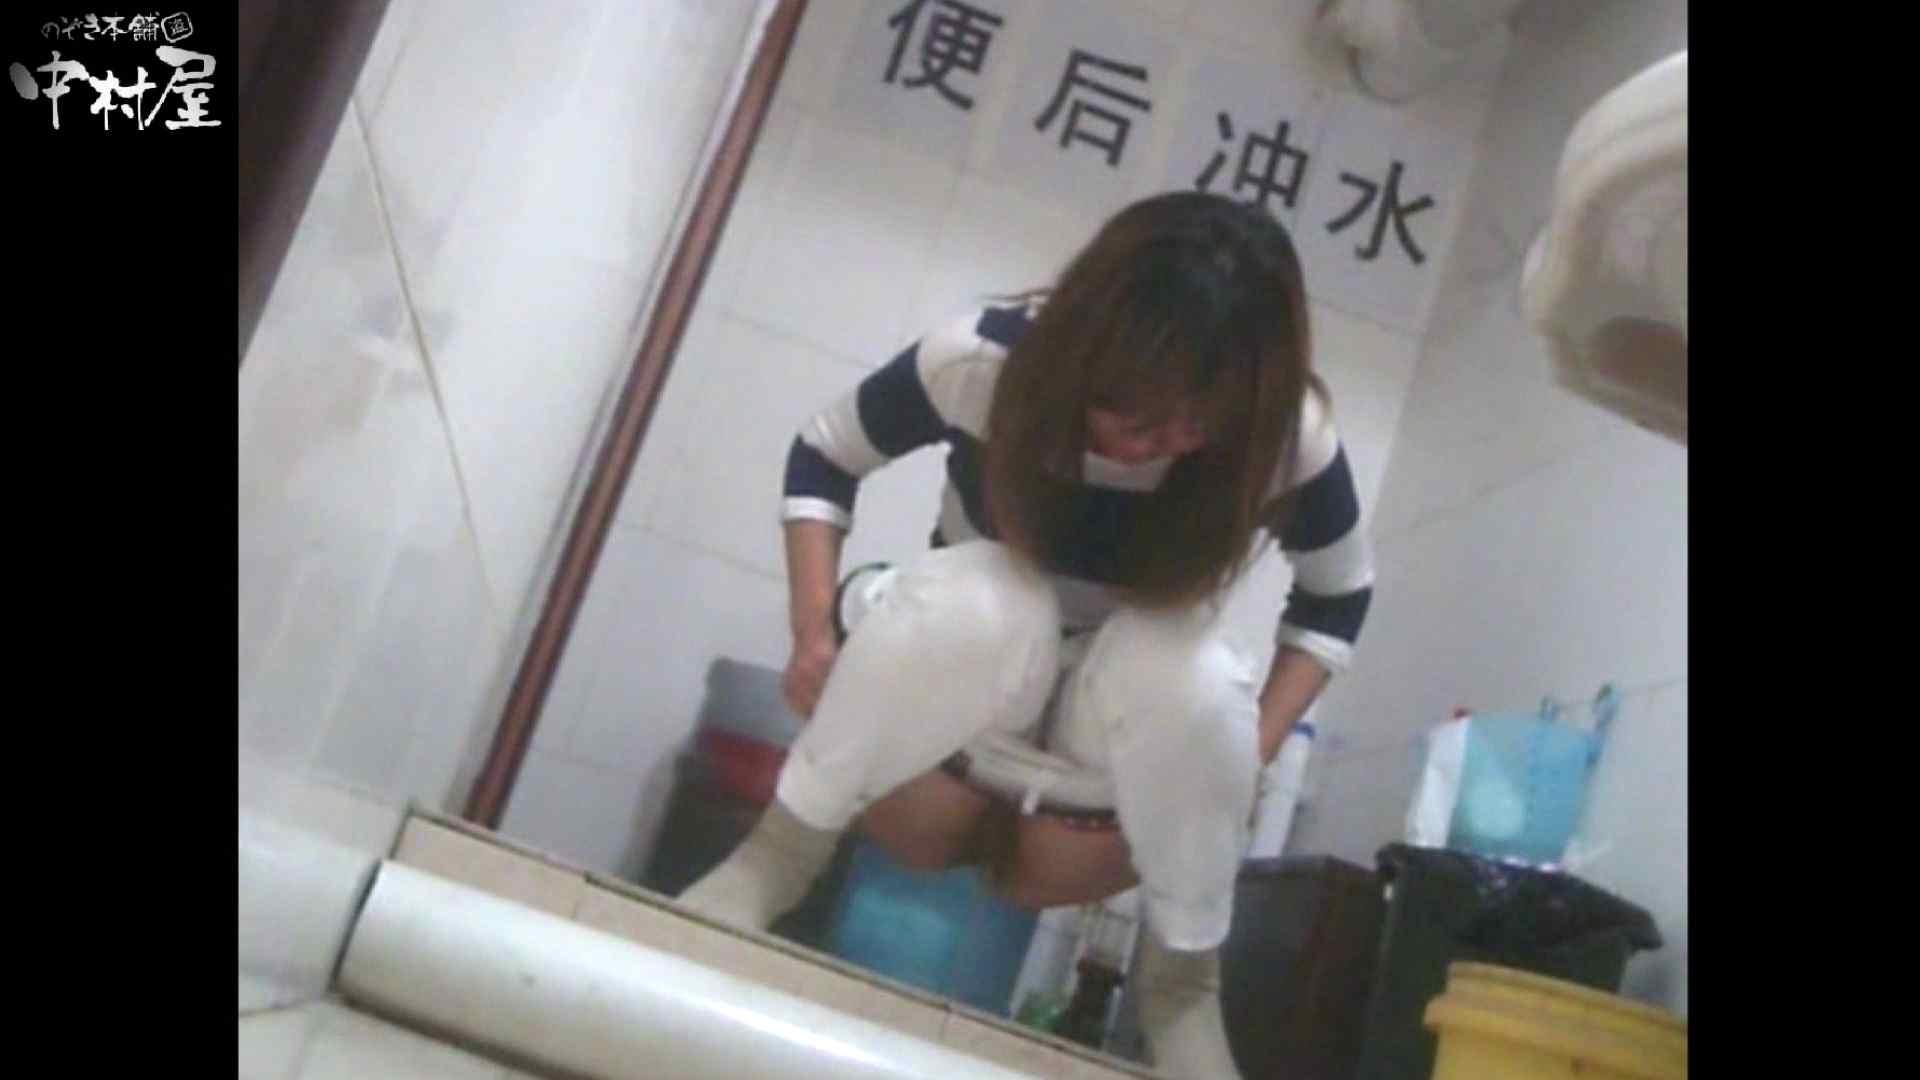 李さんの盗撮日記 Vol.15 トイレ | ギャルのエロ動画 盗撮 78PIX 77